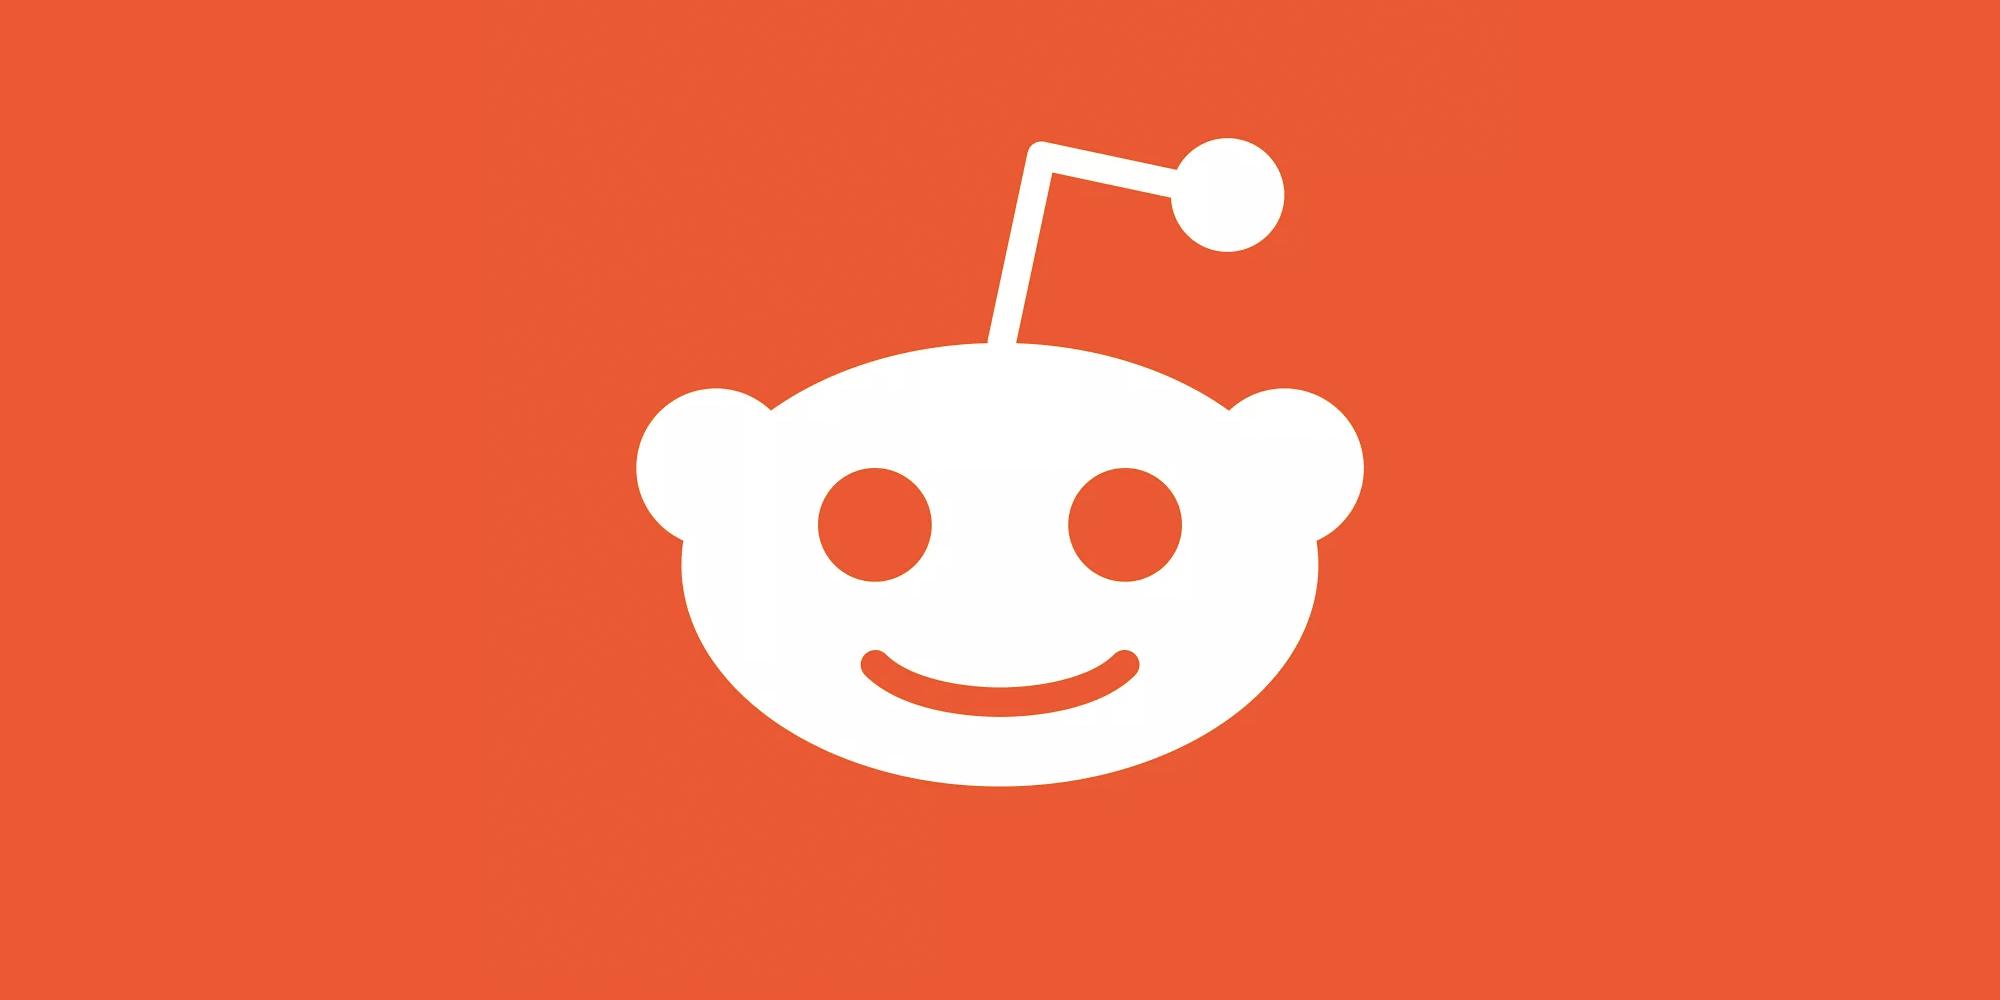 100 Reddit Votes On Your Link